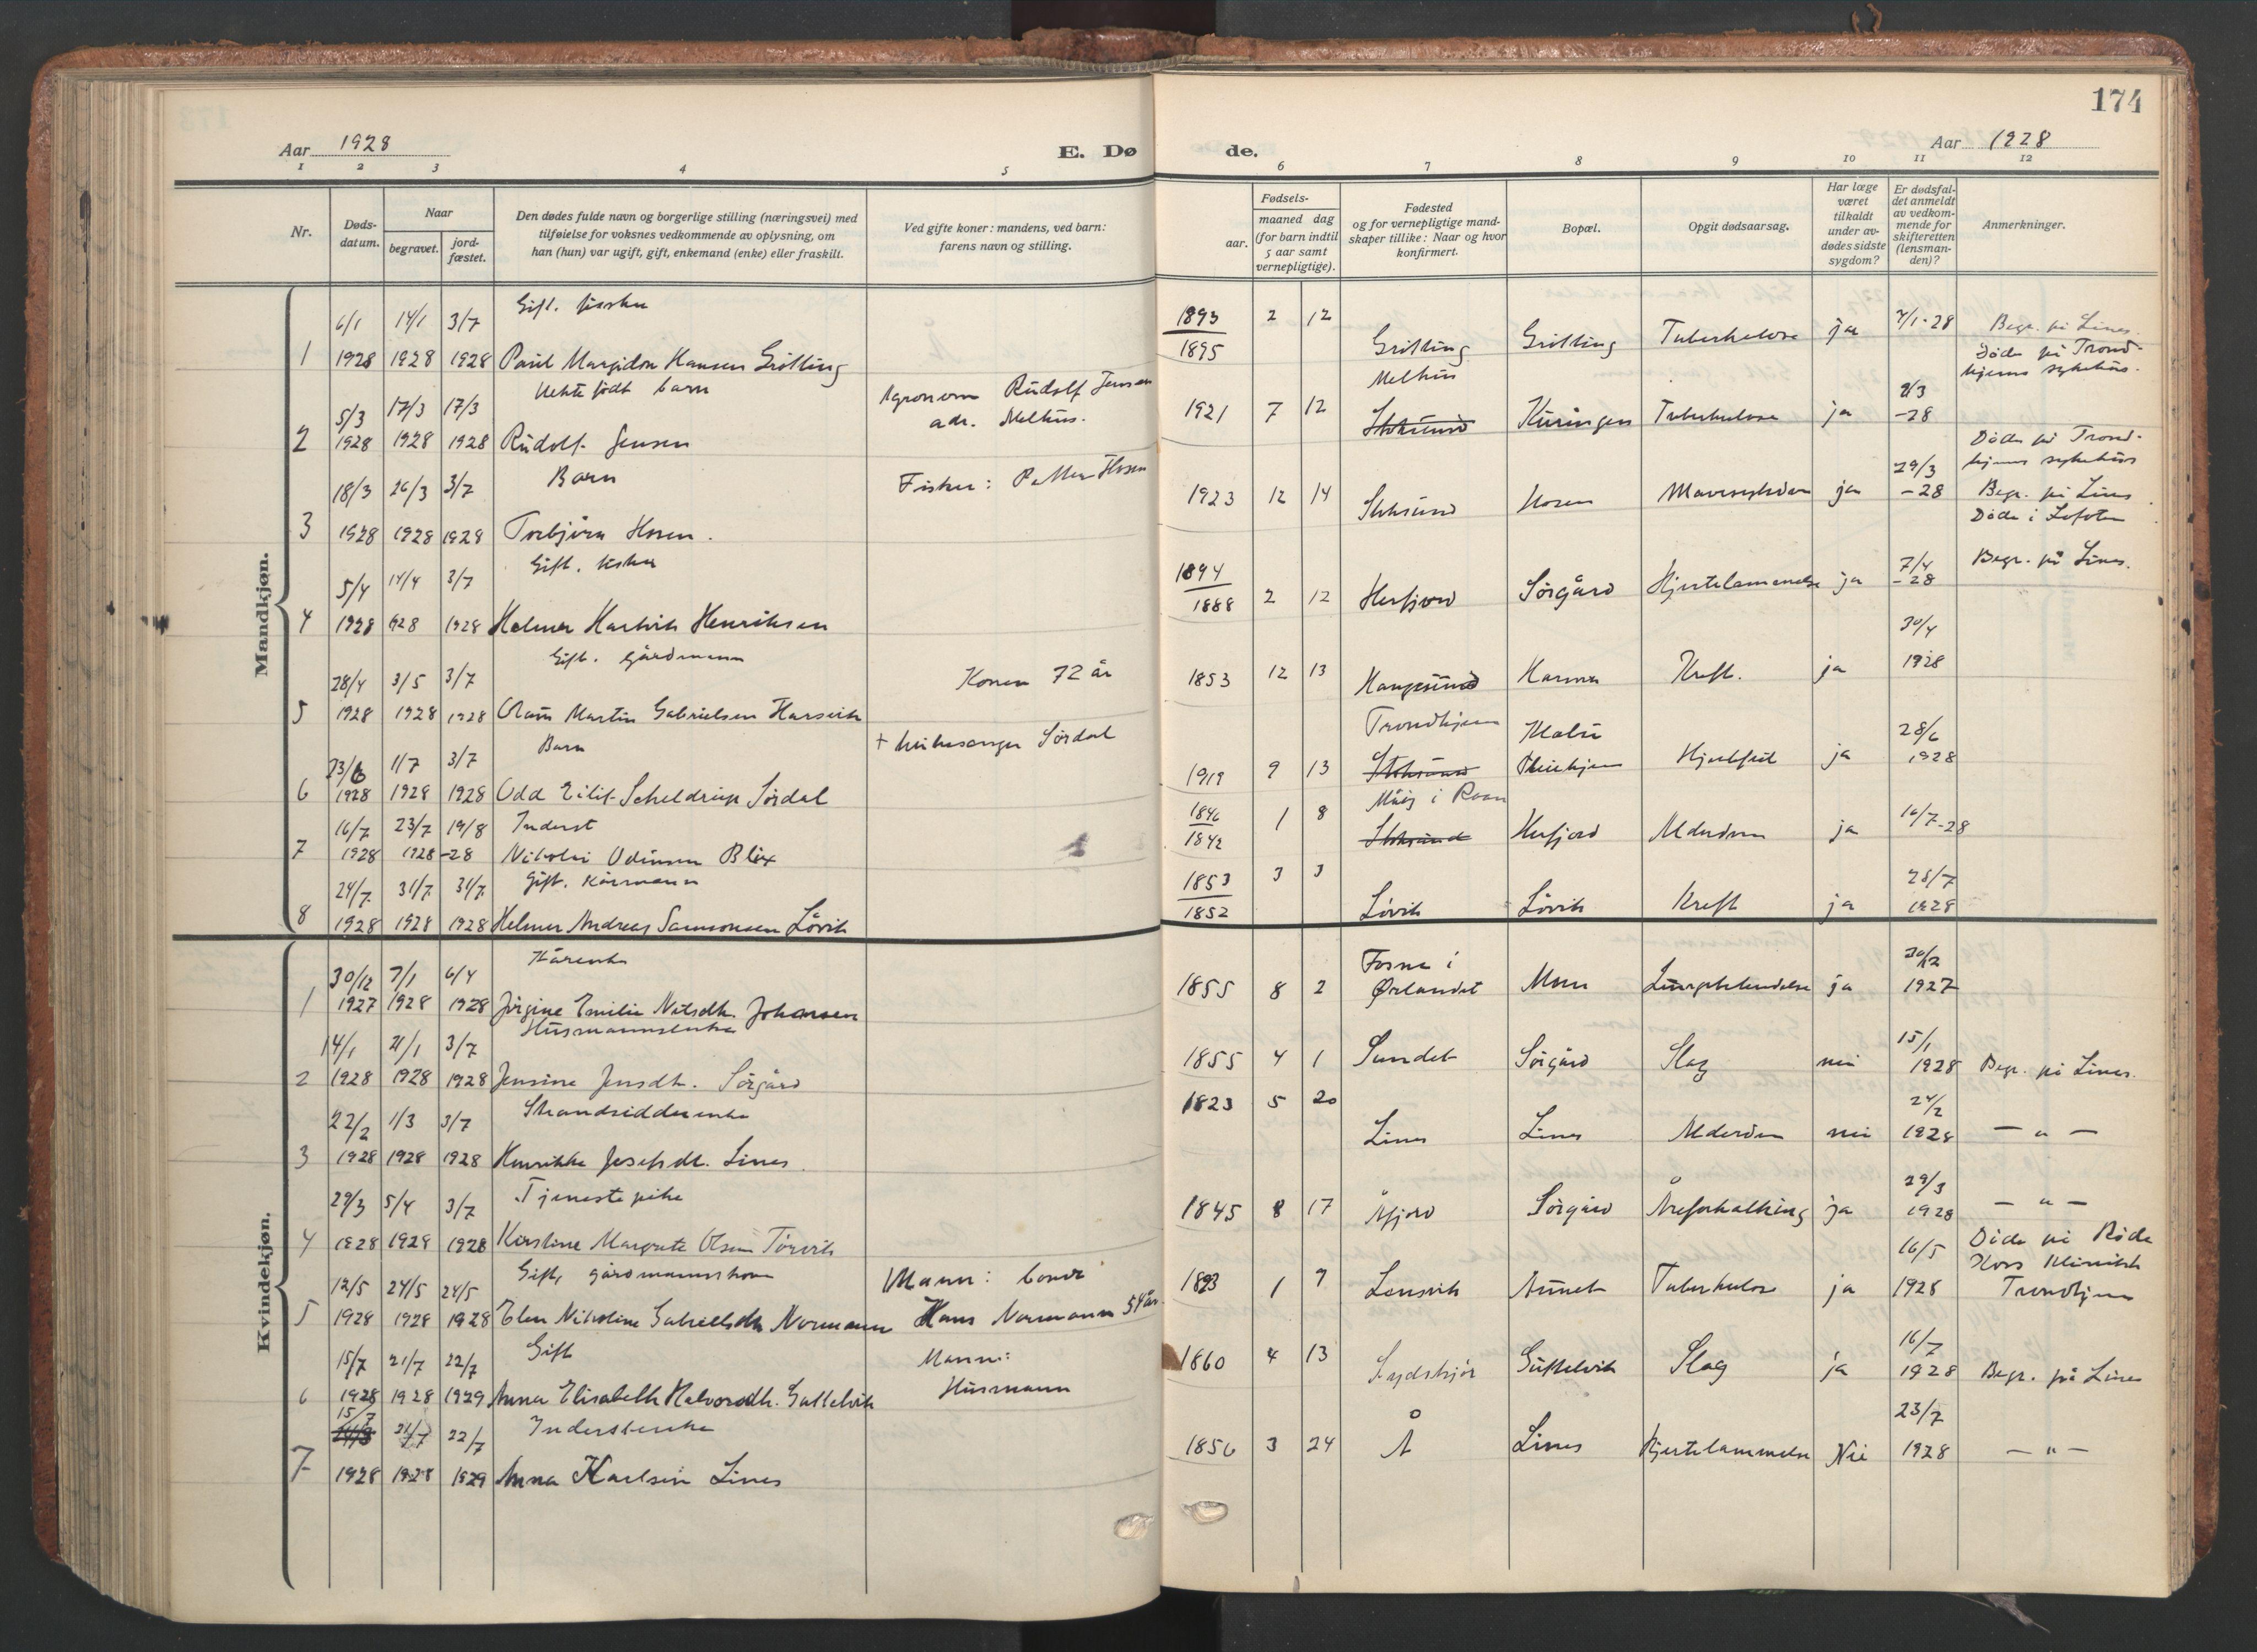 SAT, Ministerialprotokoller, klokkerbøker og fødselsregistre - Sør-Trøndelag, 656/L0694: Ministerialbok nr. 656A03, 1914-1931, s. 174